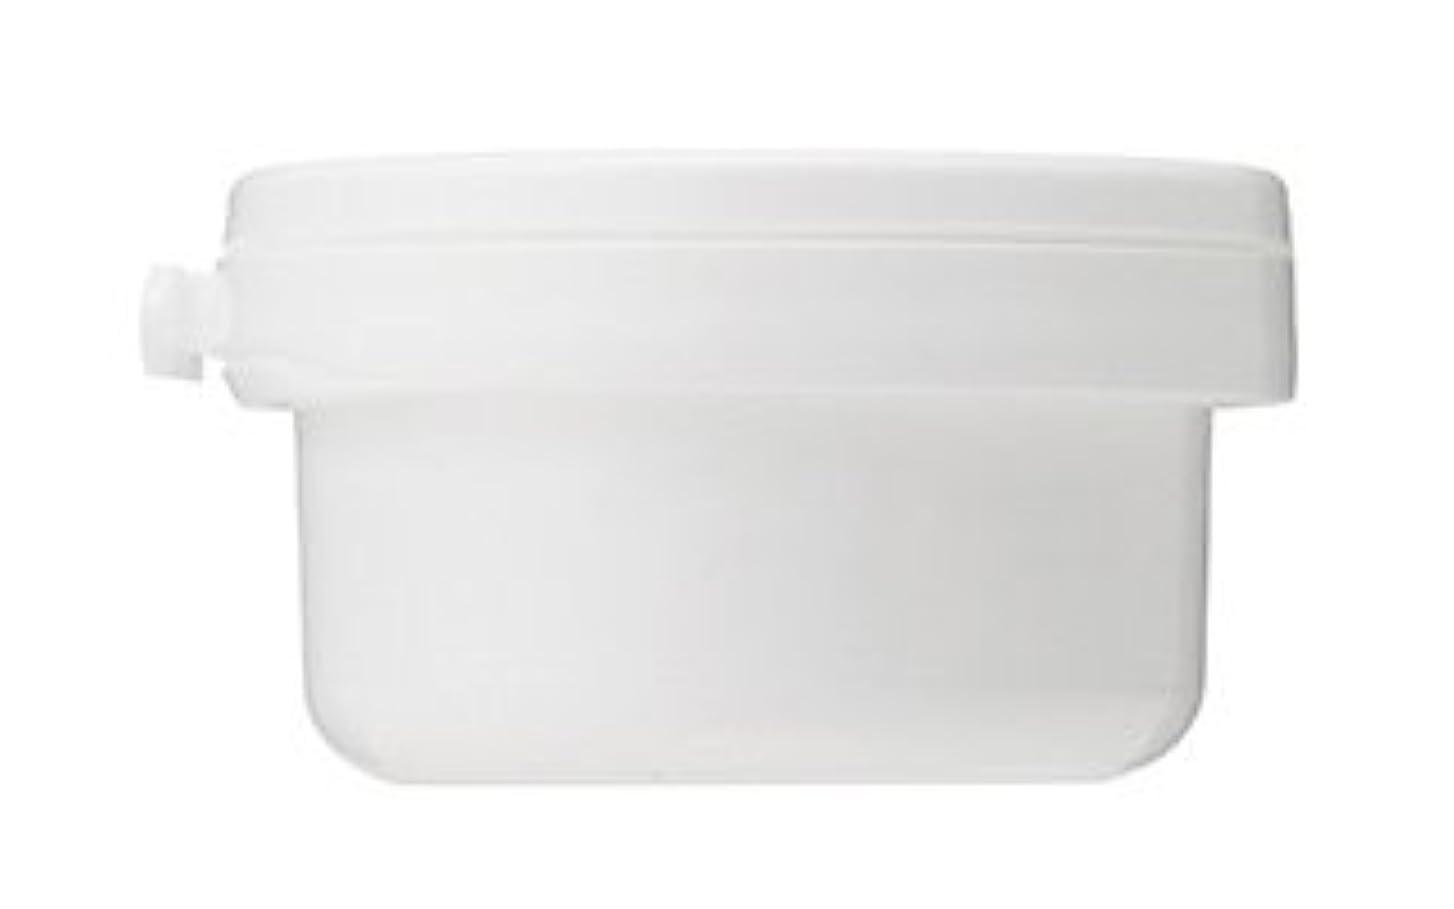 申し立てられたカビトチの実の木インナップEX 保湿クリーム詰め替え用 (潤い効果アップ) モイスチャークリーム MD レフィル [弱酸性]